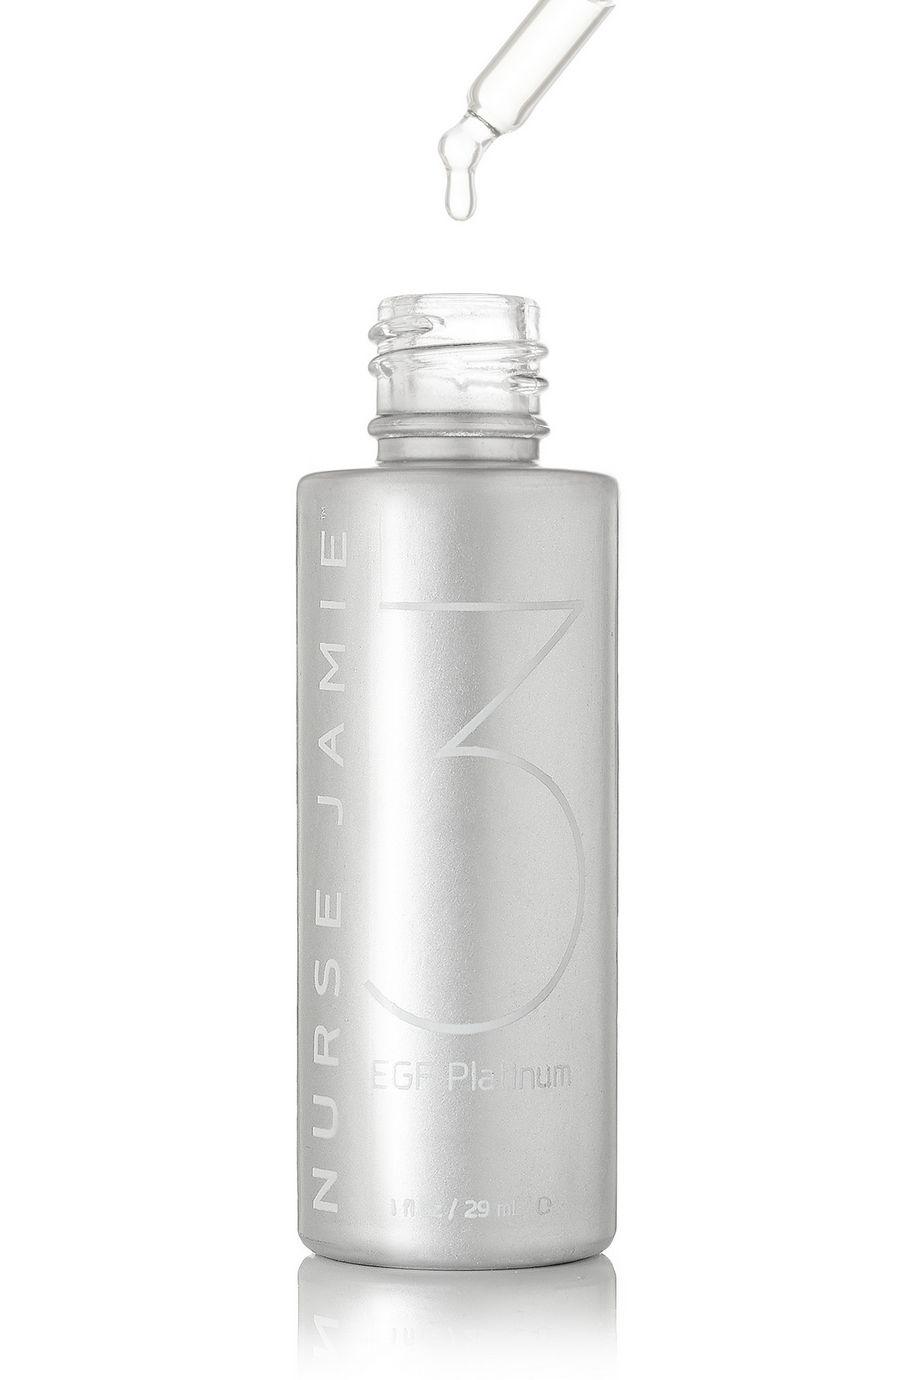 Nurse Jamie EGF Platinum 3 Restorative Facial Elixir, 29 ml – Serum